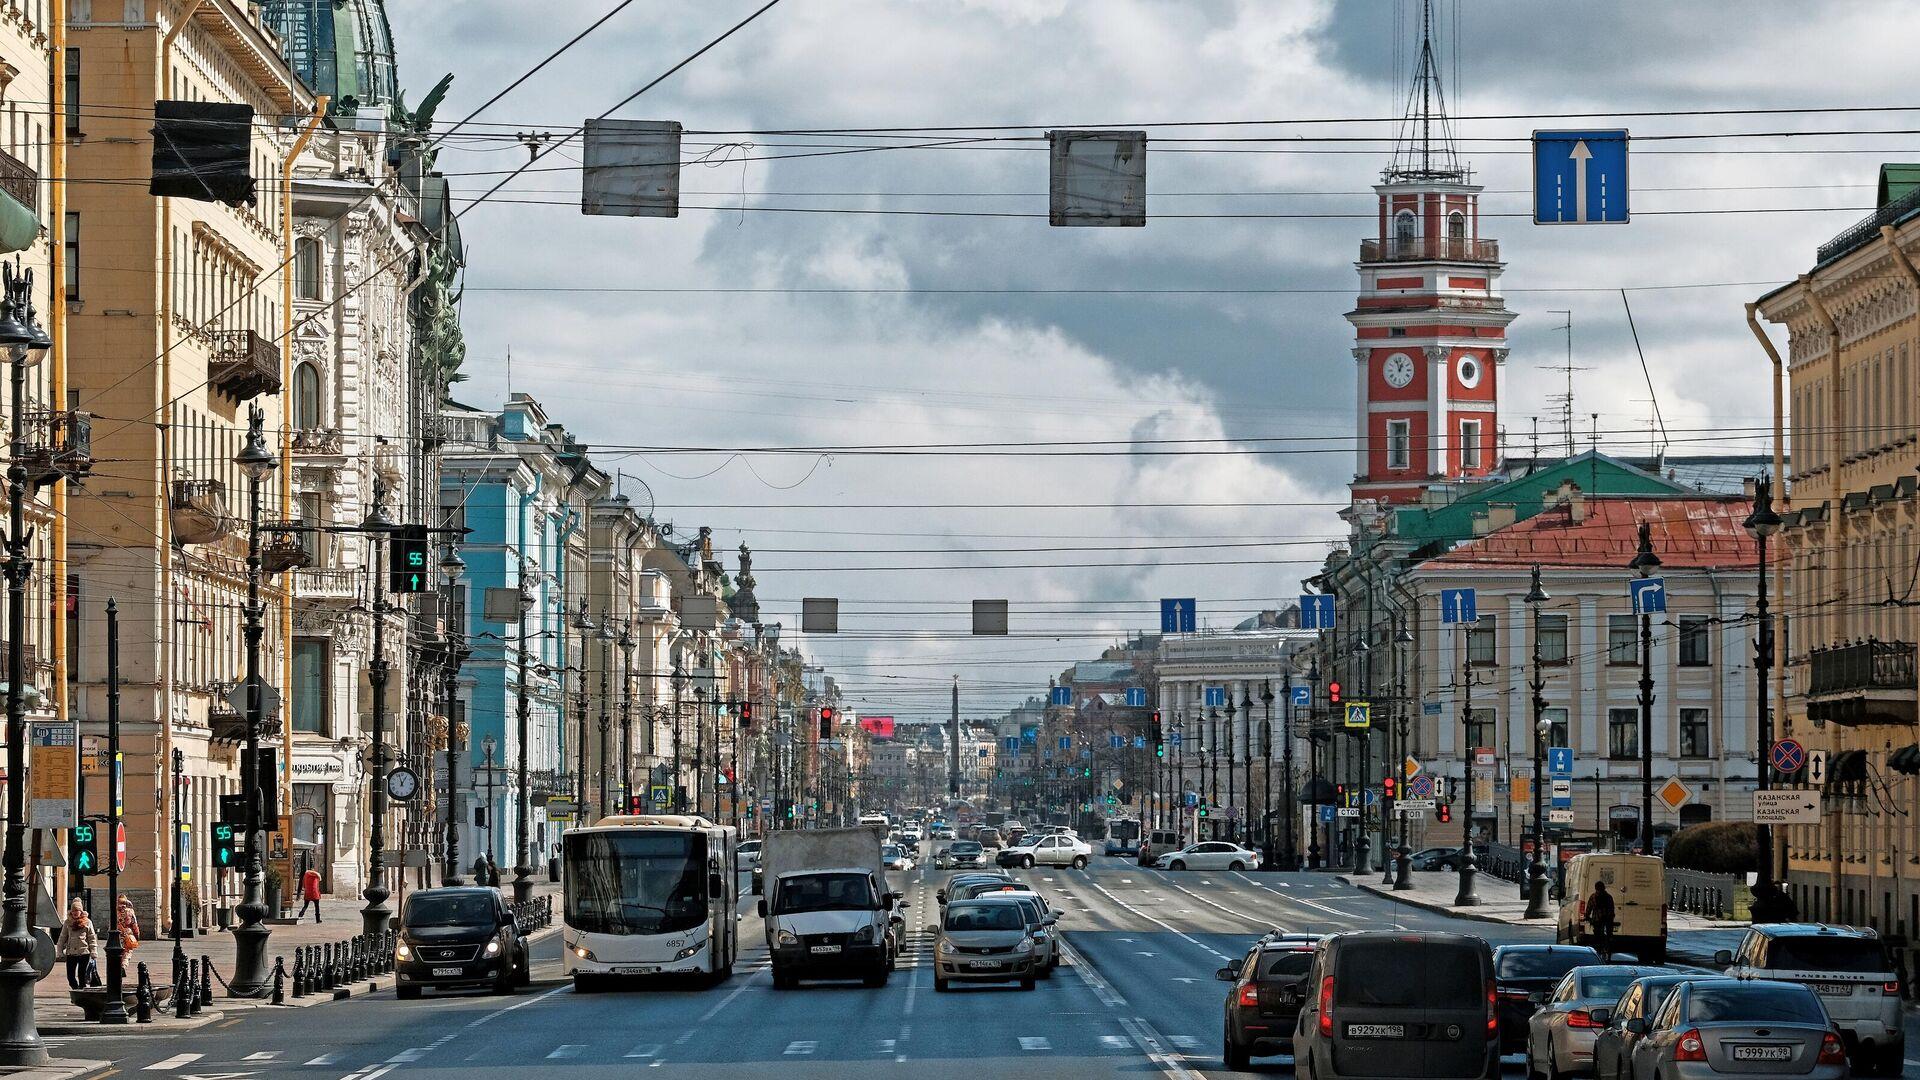 Невский проспект в Санкт-Петербурге - РИА Новости, 1920, 25.09.2020